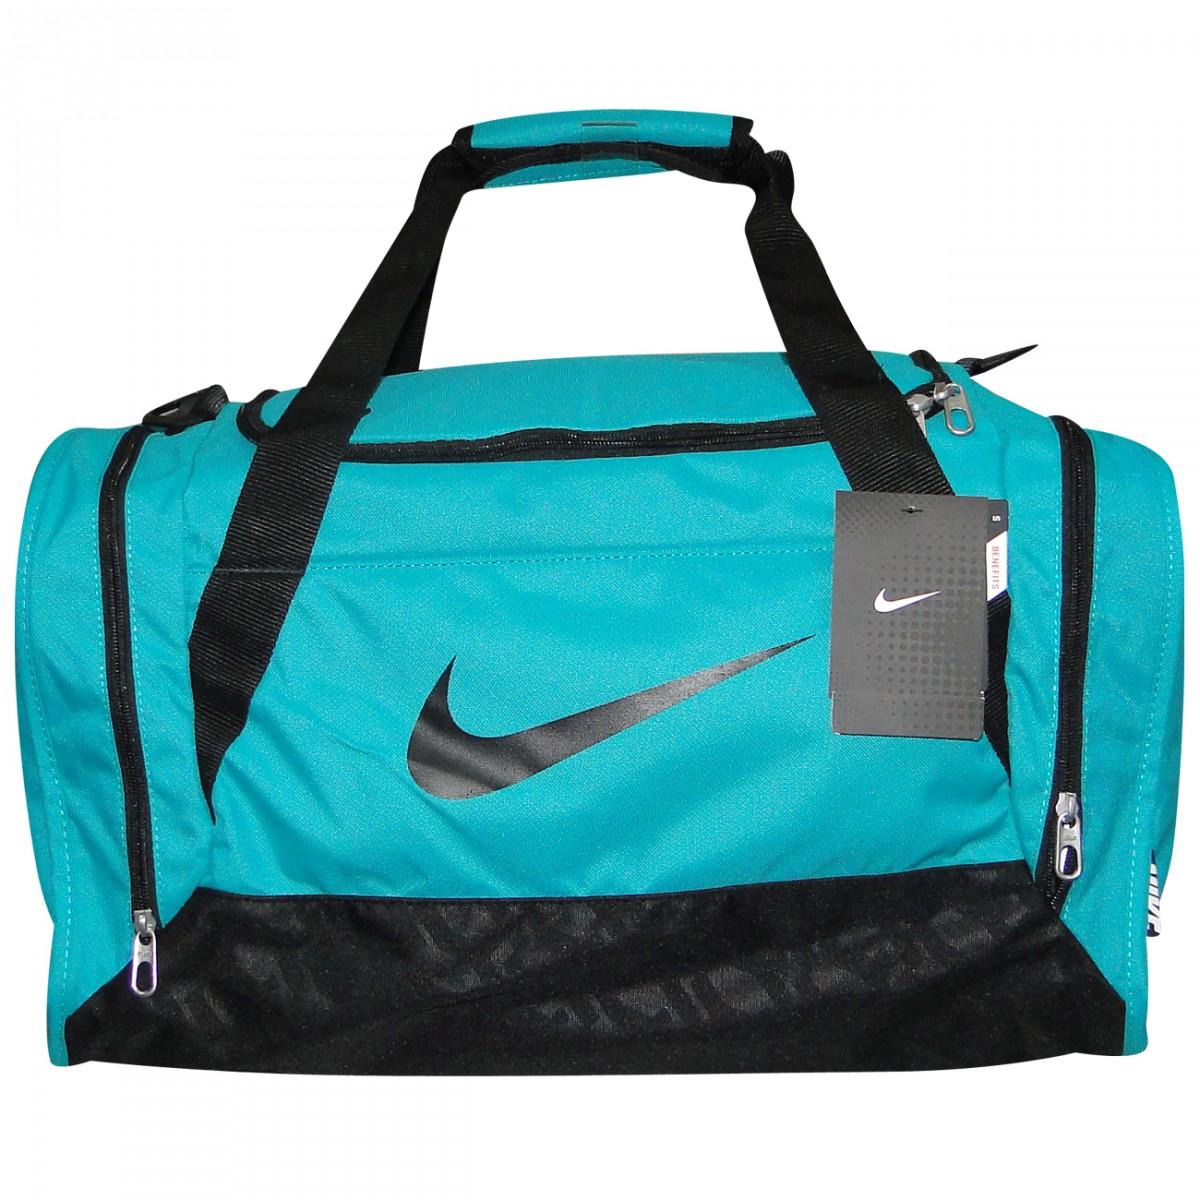 Bolsa De Viagem Da Nike Feminina : Bolsa nike ba  verde preto chuteira